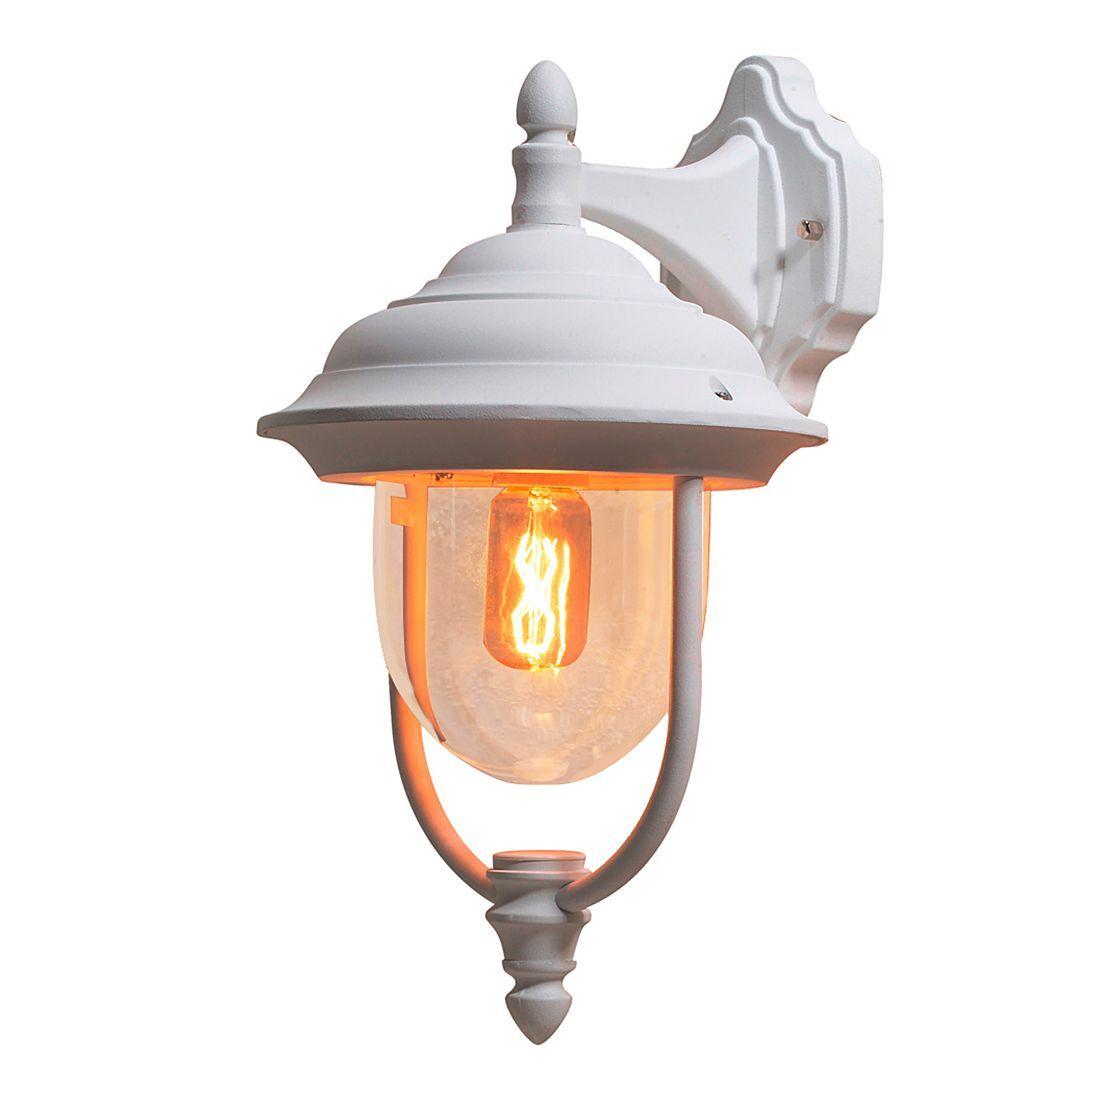 Kleine Led Wandleuchten Led Wandlampe Batteriebetrieben Wandleuchte Dimmbar Schalter Wandlampen Innen Modern Wand Wandleuchte Wandlampen Led Wandlampen